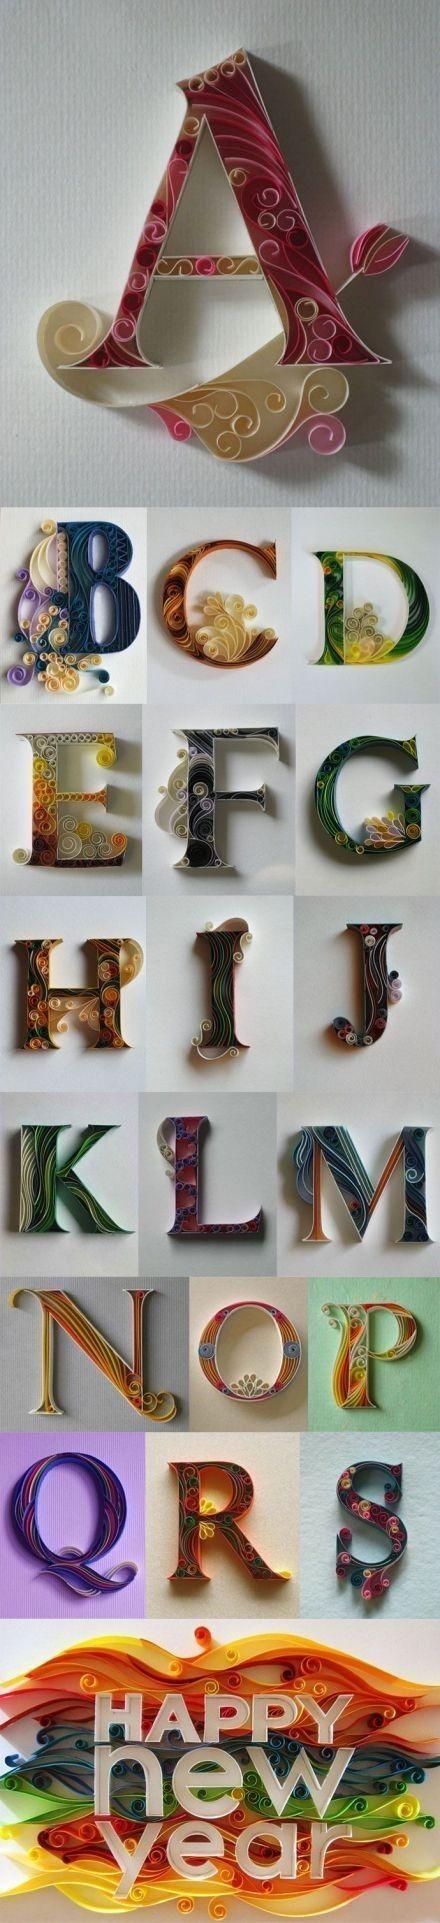 Estoy seguro de que sabe cómo hacer algunas artesanías de papel. Algunos de ellos son muy fáciles de hacer, pero otros le llevará mucha concentración, la a